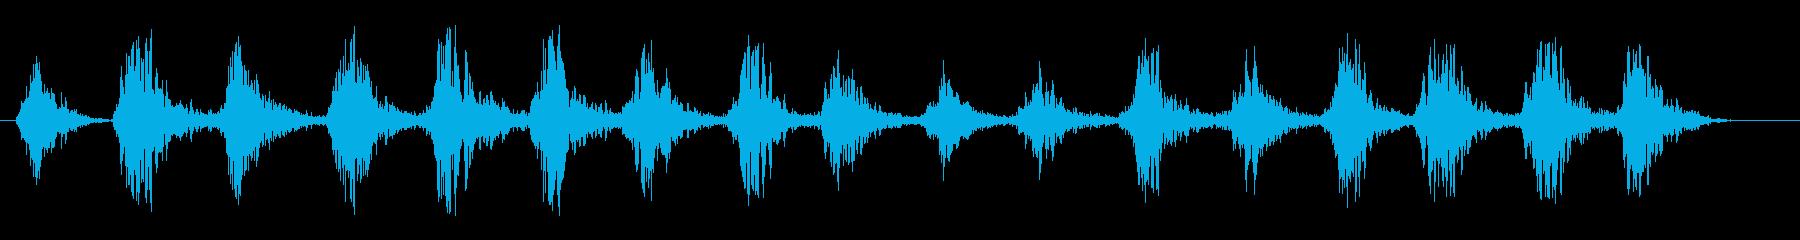 繰り返し風を切るほどの回転音の再生済みの波形